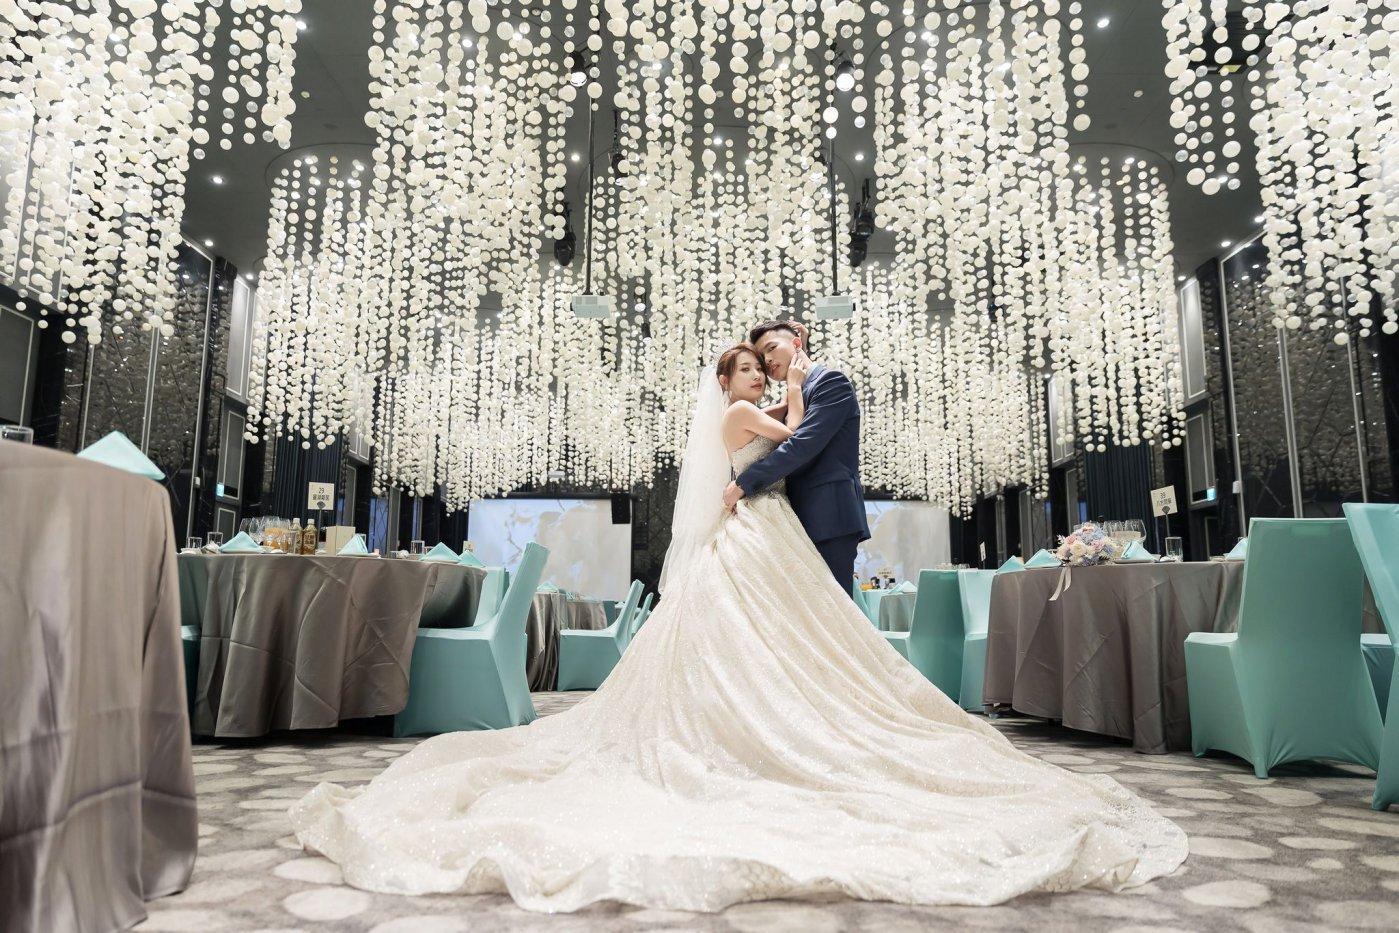 晶绮盛宴銀河廳婚攝,高雄婚攝,婚攝森森,珍珠廳婚攝